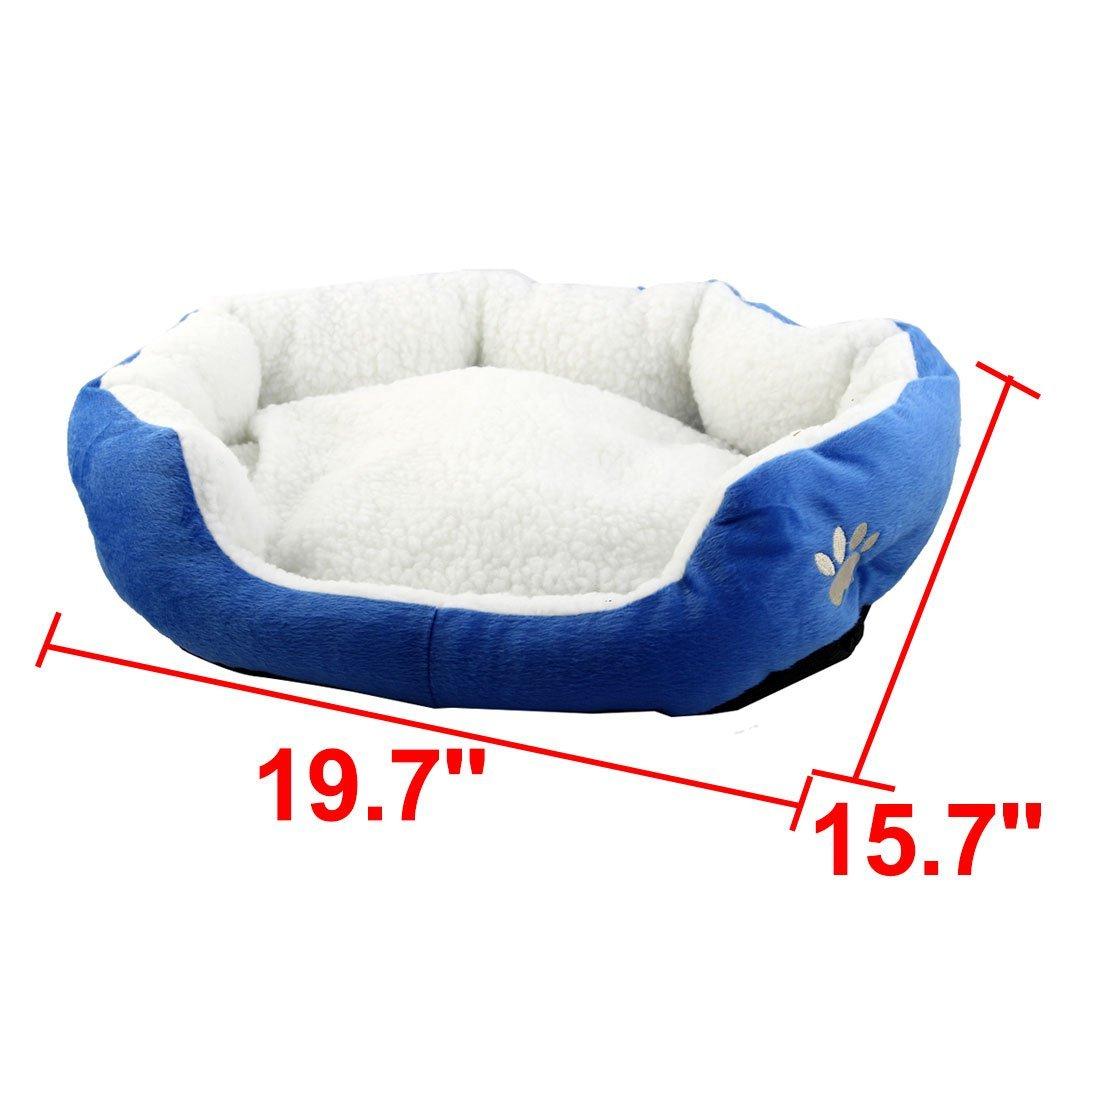 Amazon.com : eDealMax Felpa mascotas Oval del gato Forma de cojín extraíble cueva cama del perro de anidamiento 50cm x 40cm : Pet Supplies